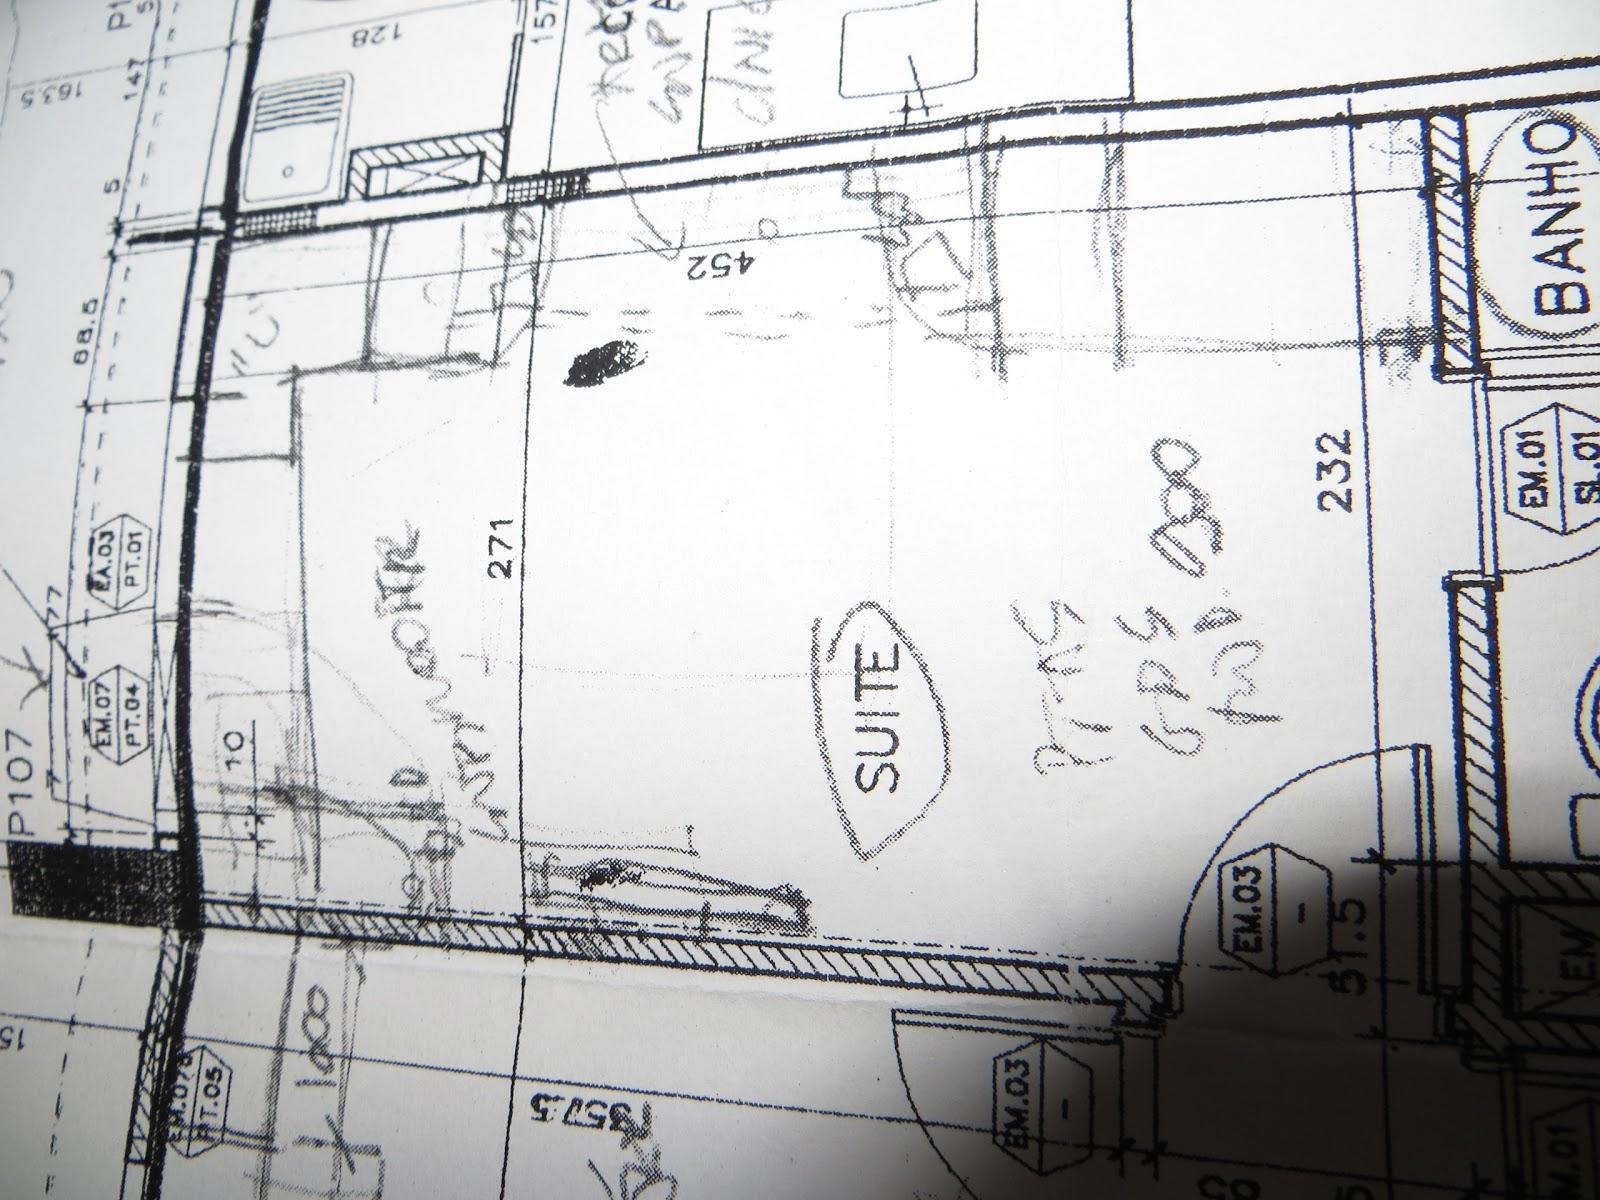 Planta De Banheiro E Closet  cgafghanscom banheiros pequenos e modern -> Planta Baixa De Banheiro Com Banheira E Closet